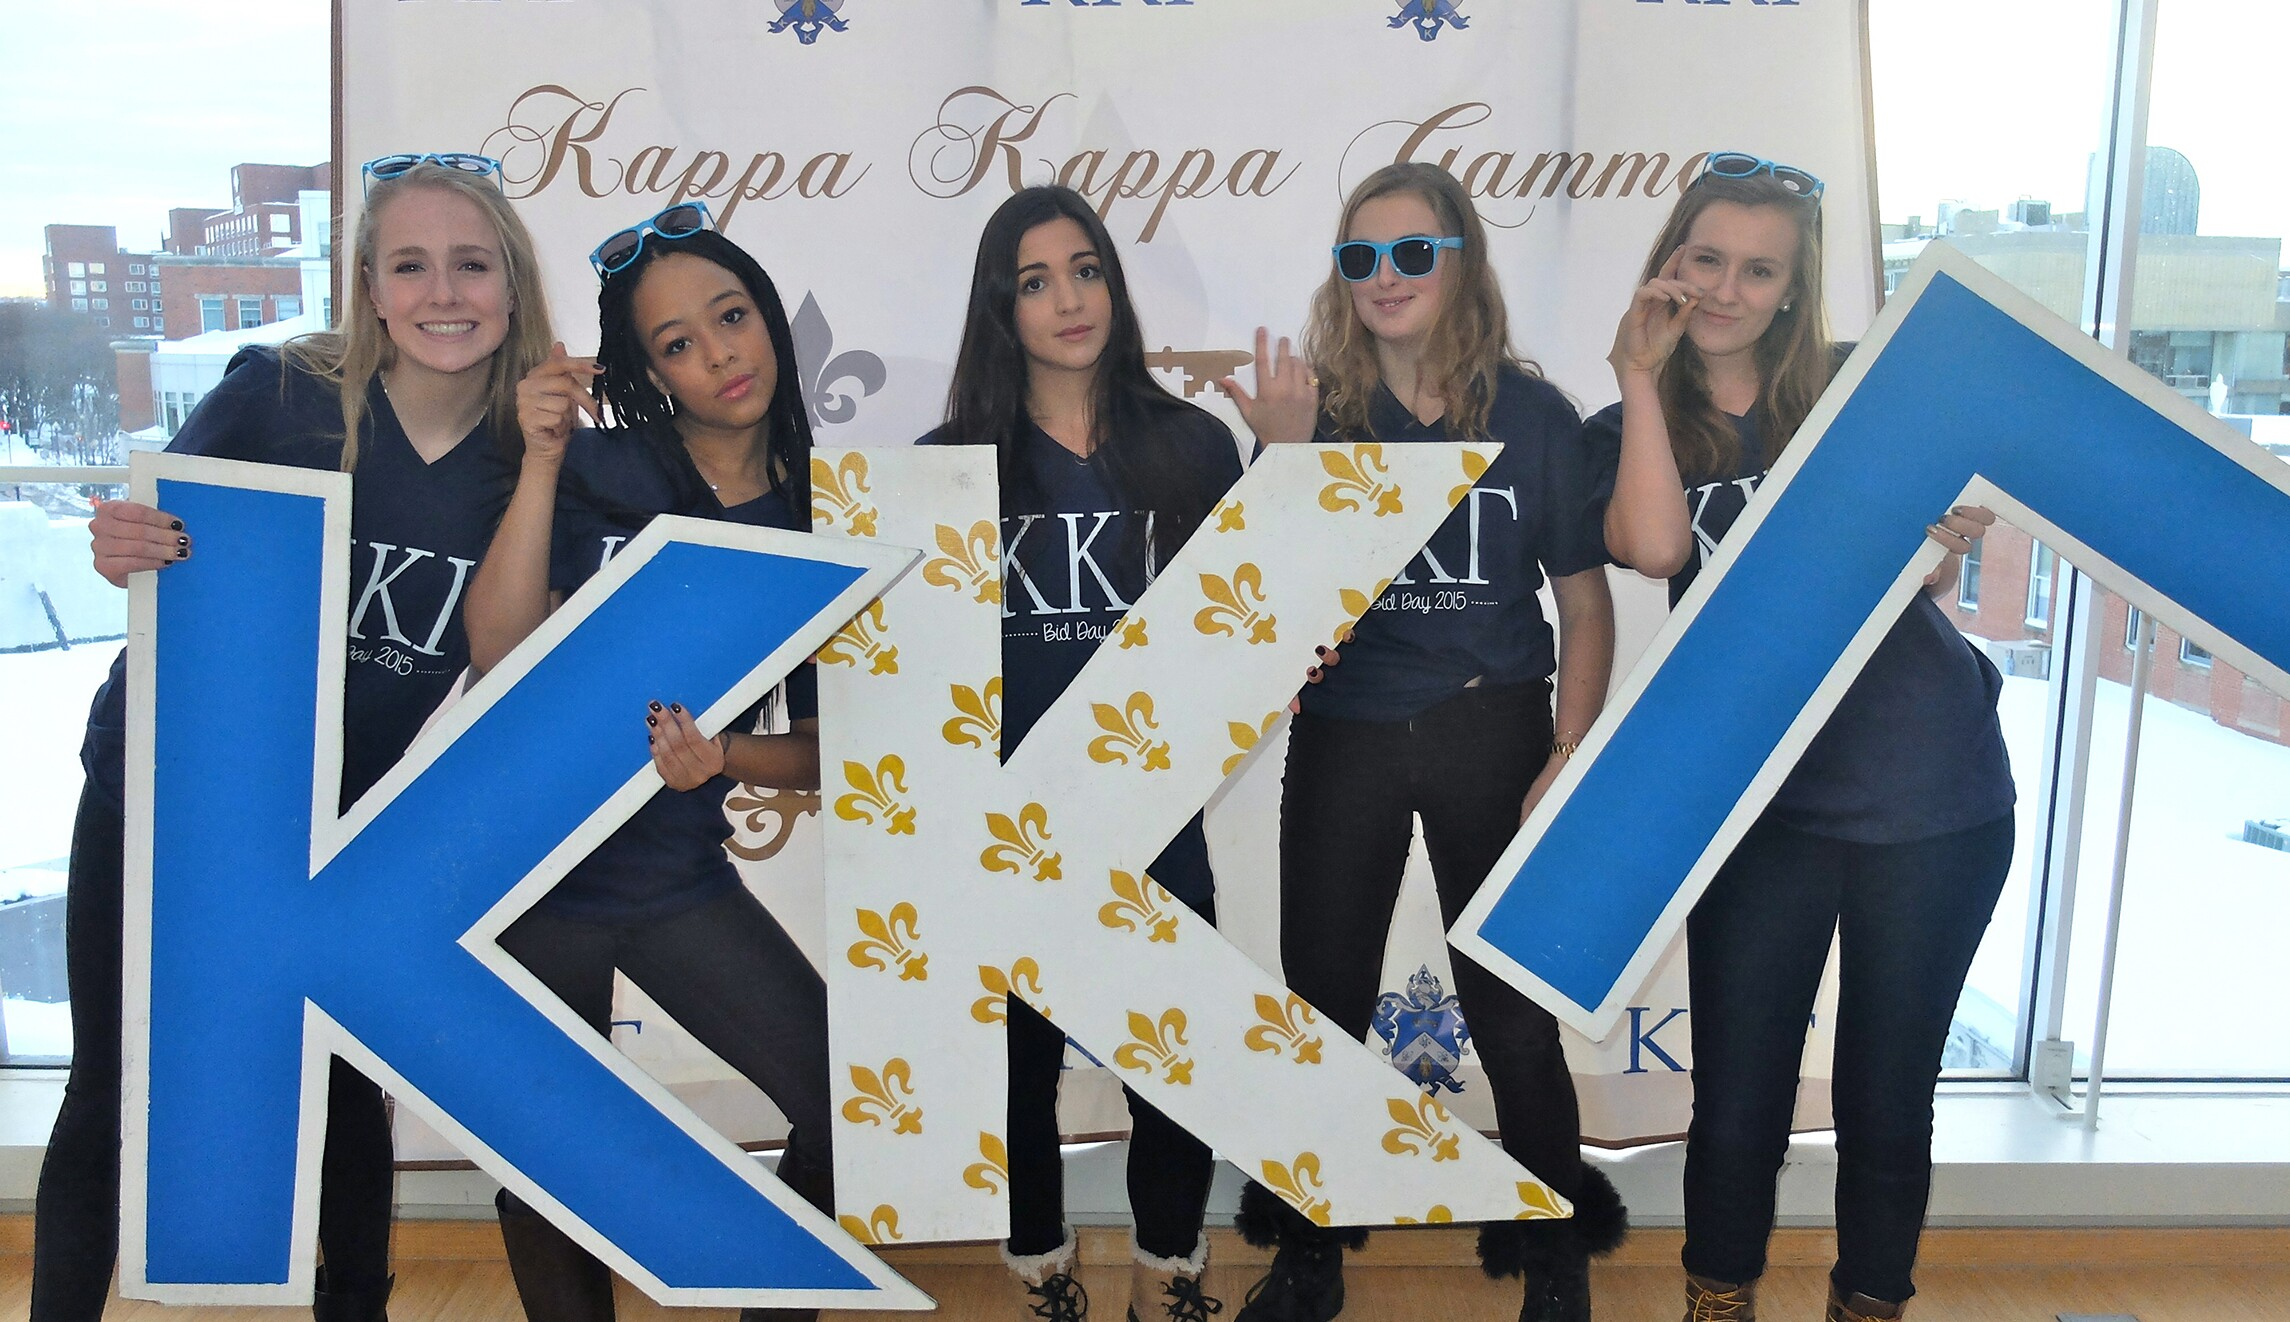 zamówienie oficjalny dostawca kody promocyjne Harvard's Kappa Kappa Gamma sorority switches to gender ...